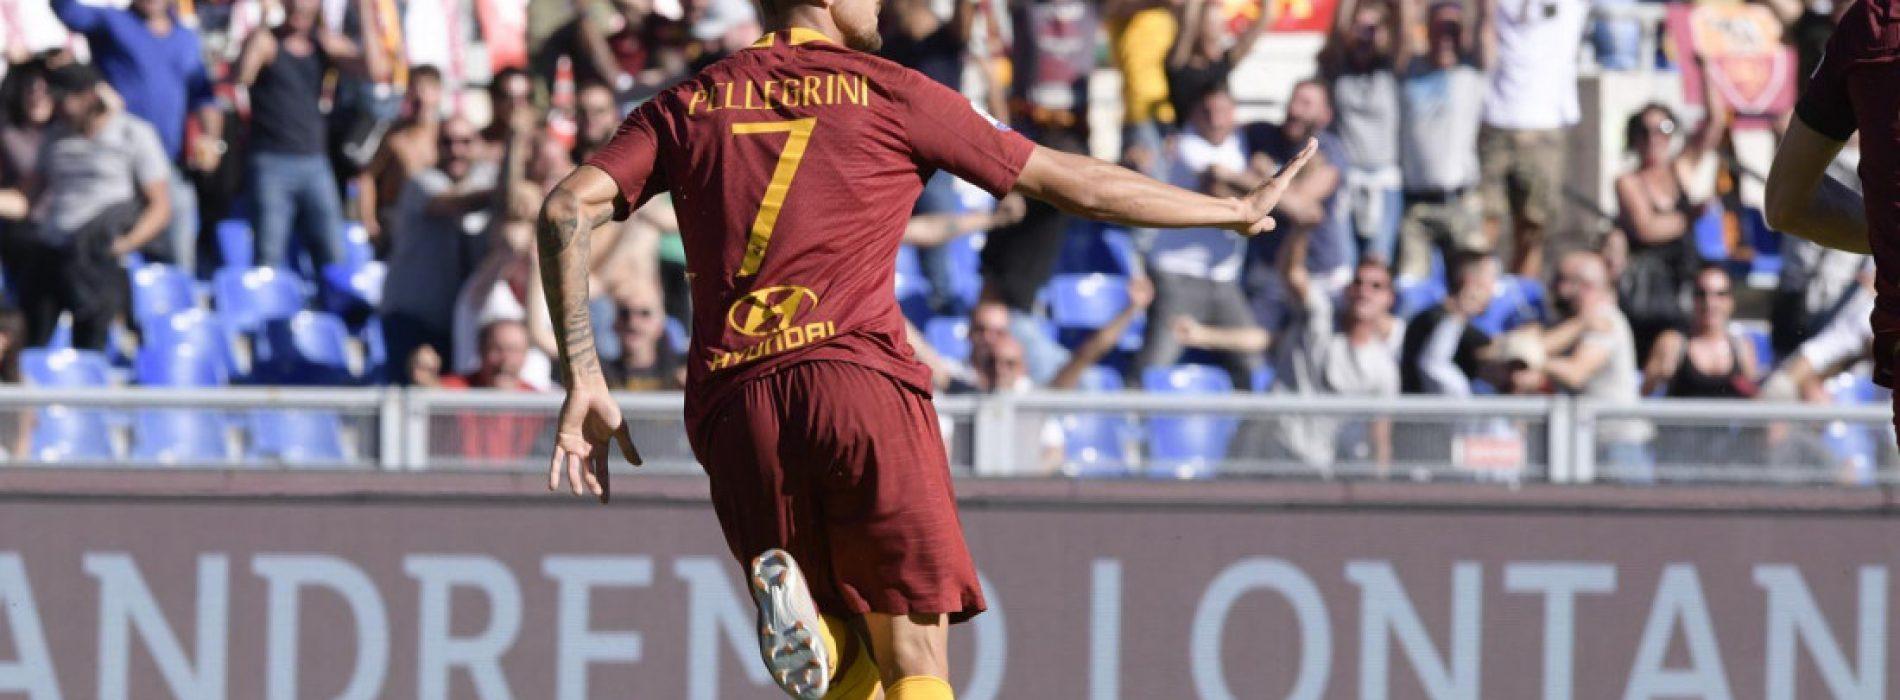 Roma, tutto pronto per il rinnovo di Pellegrini: fascia e la 10 di Totti